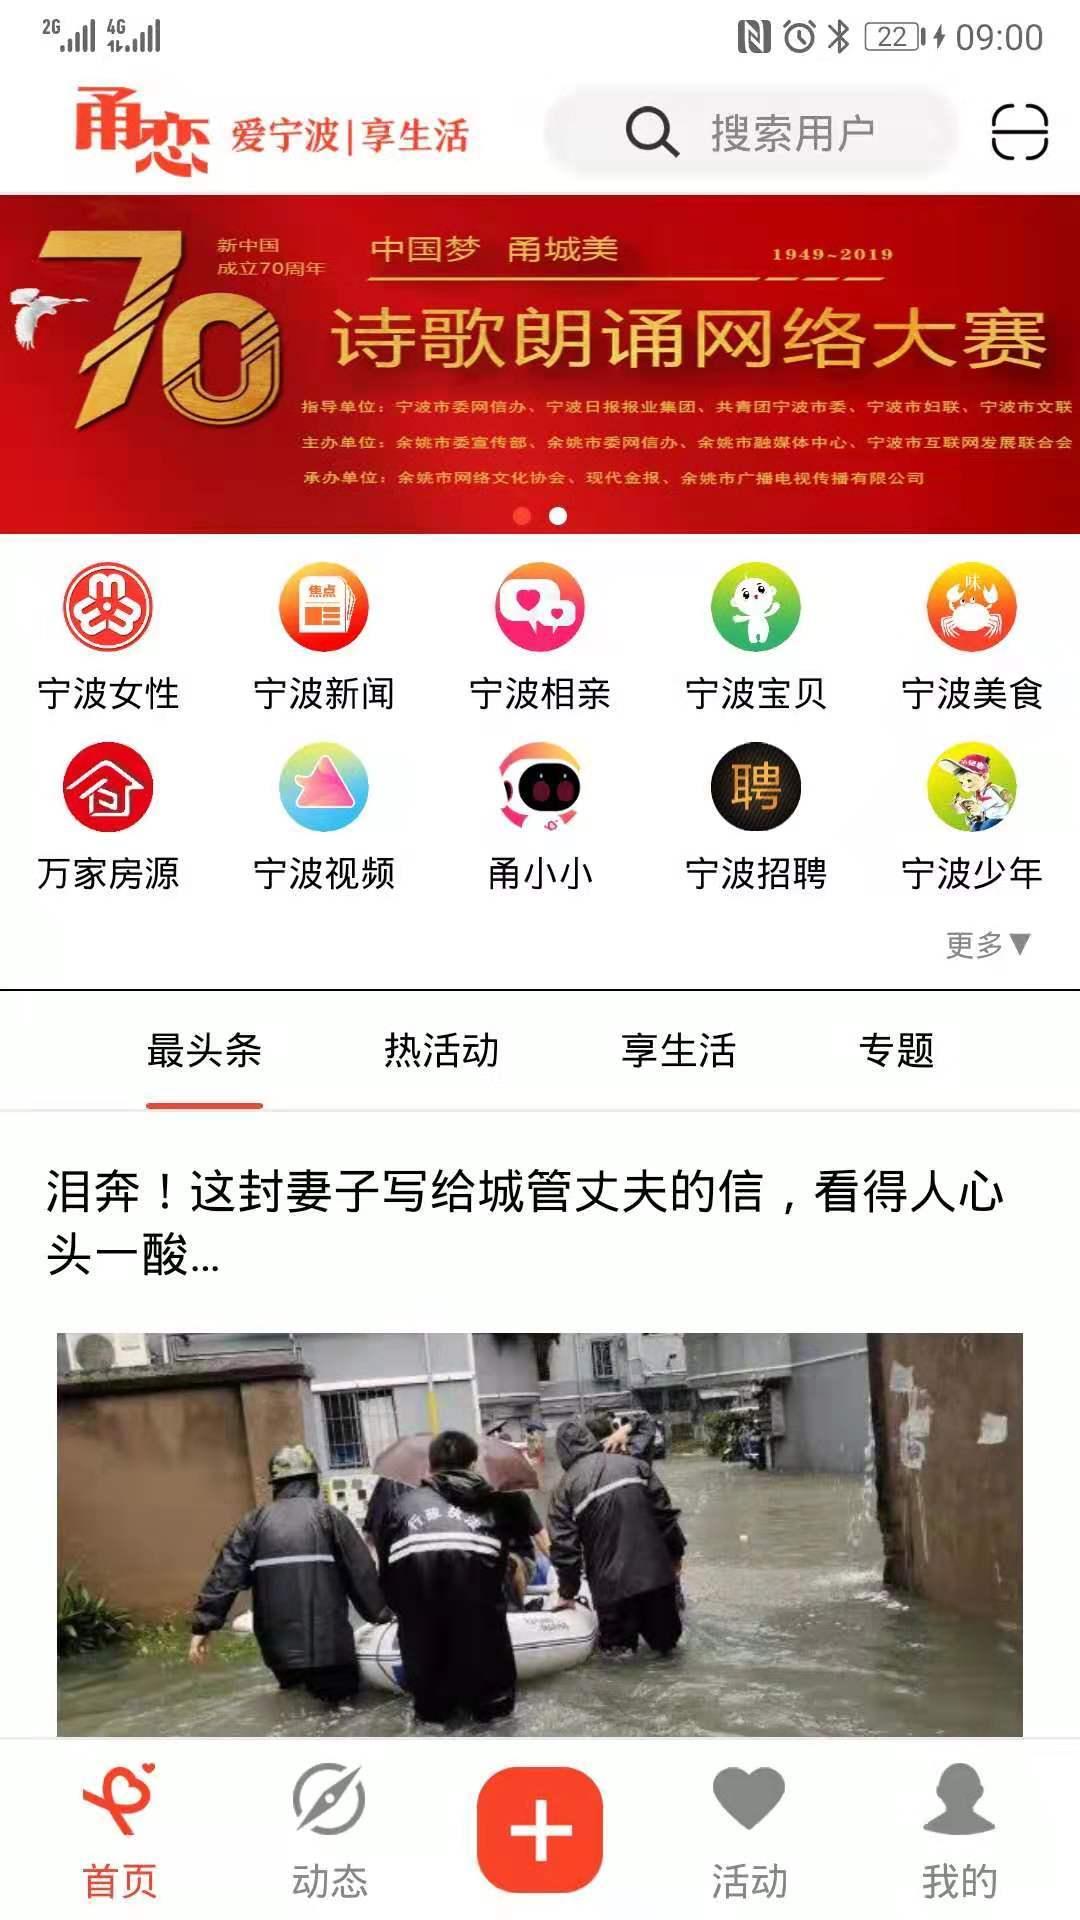 甬上手机版_甬上安卓版下载